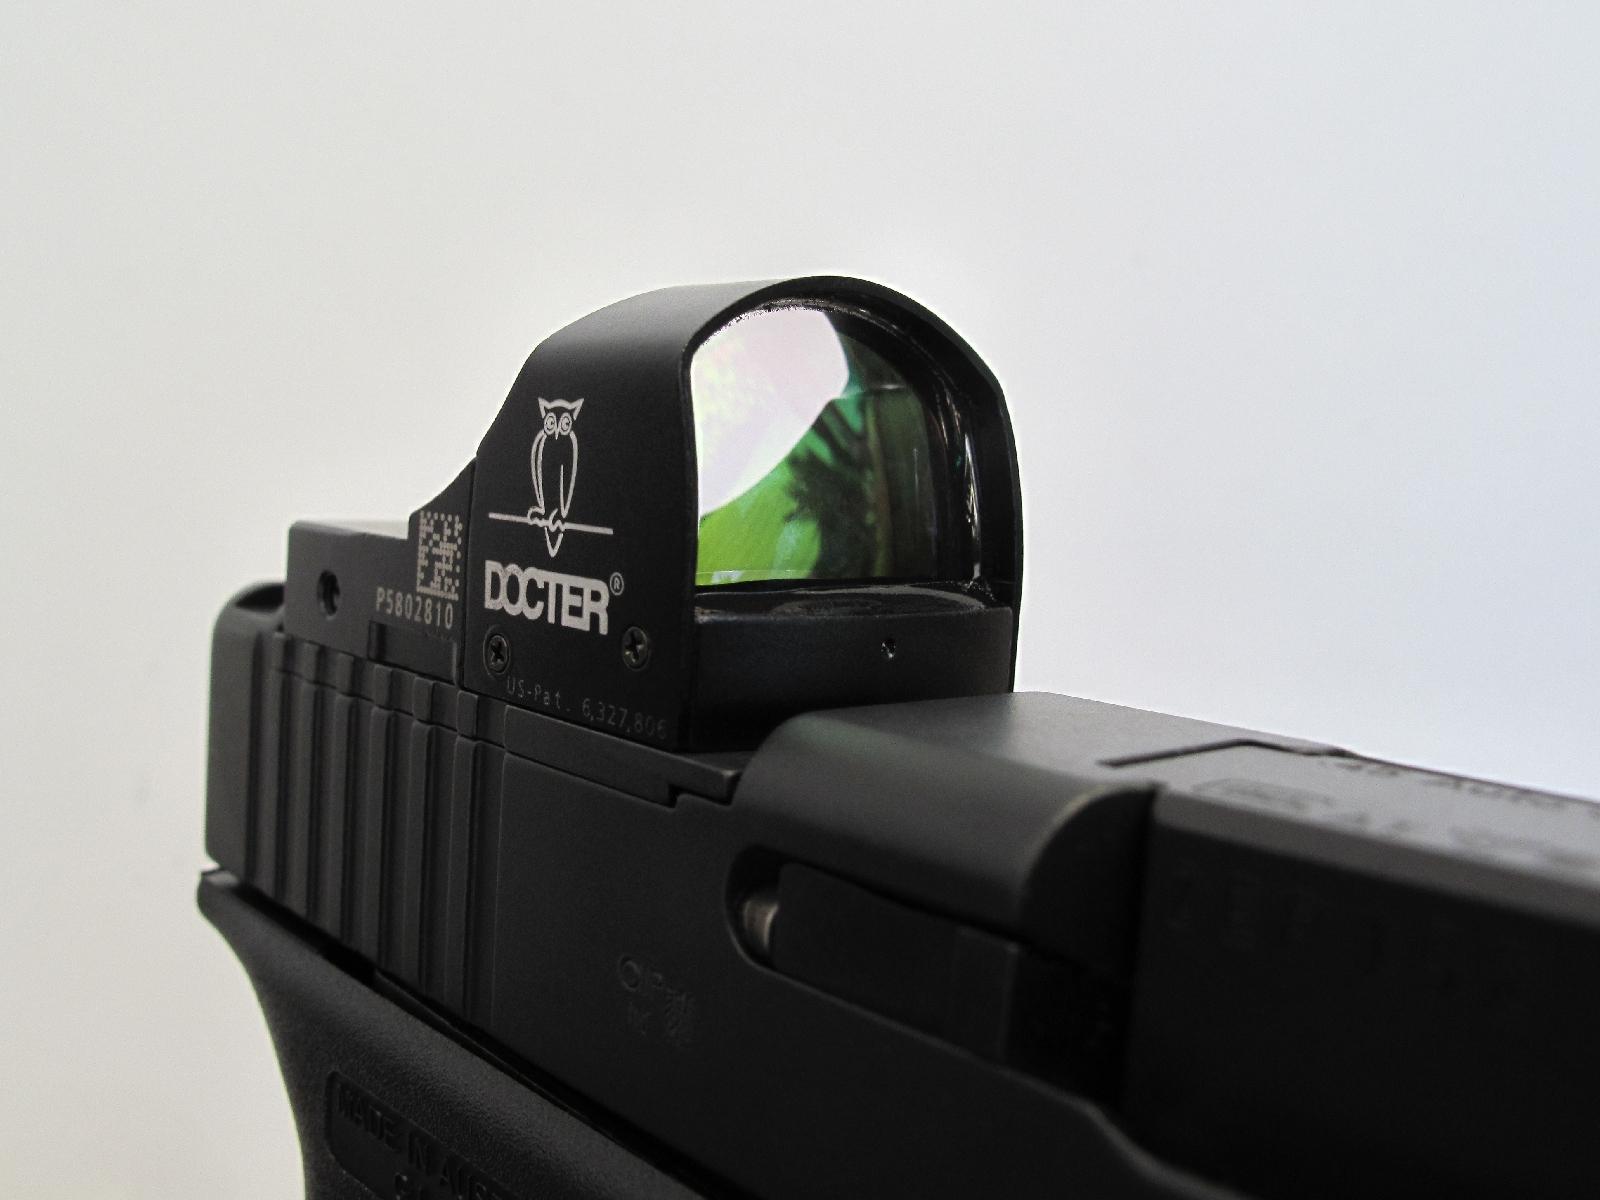 Le micro viseur reflex DocterSight, qui se positionne de façon parfaite sur la culasse à glissière, se révèle idéal pour être utilisé sur le pistolet Glock en version MOS.